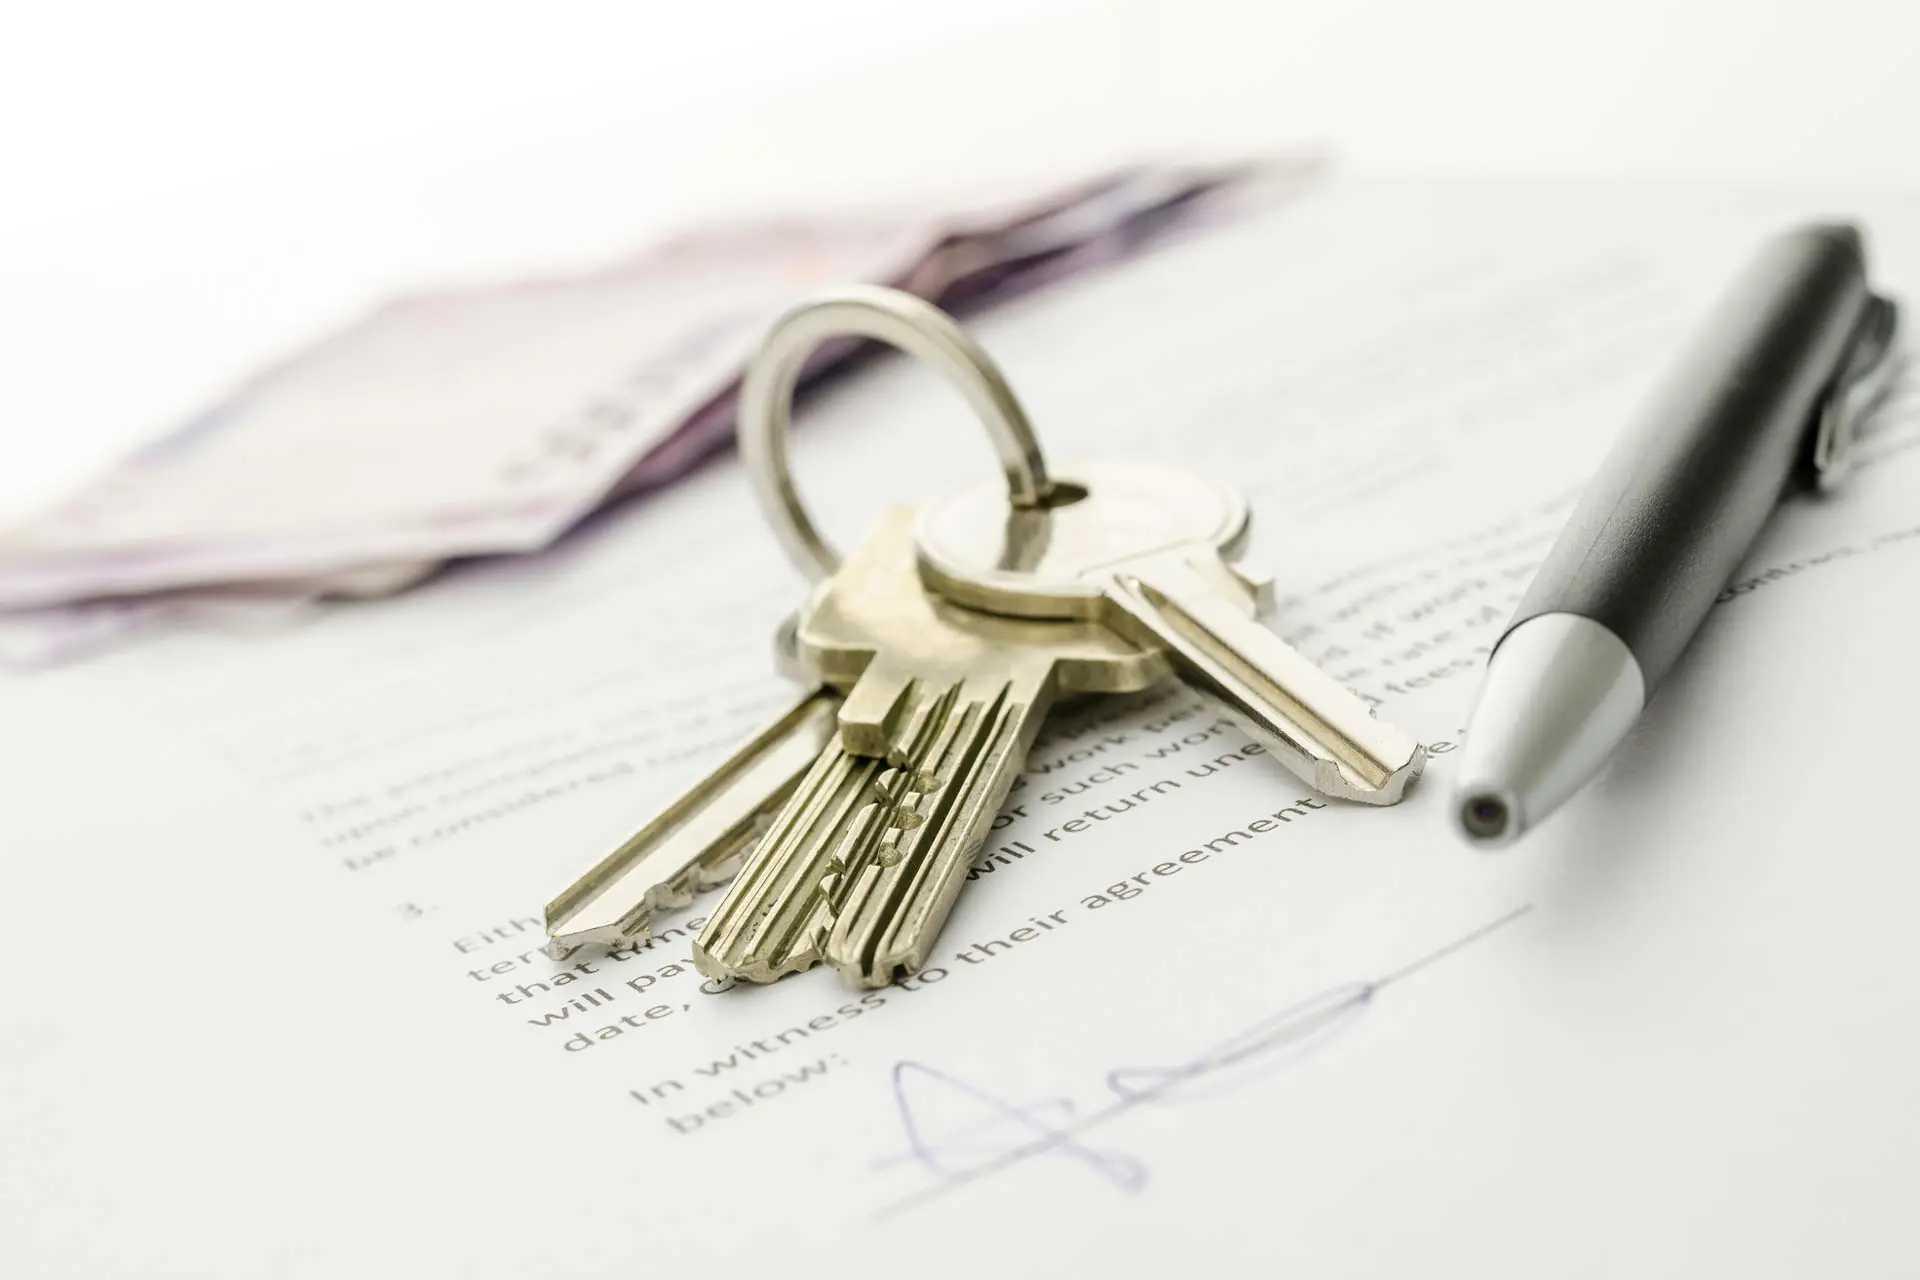 Купля-продажа квартиры: как сделать все по закону